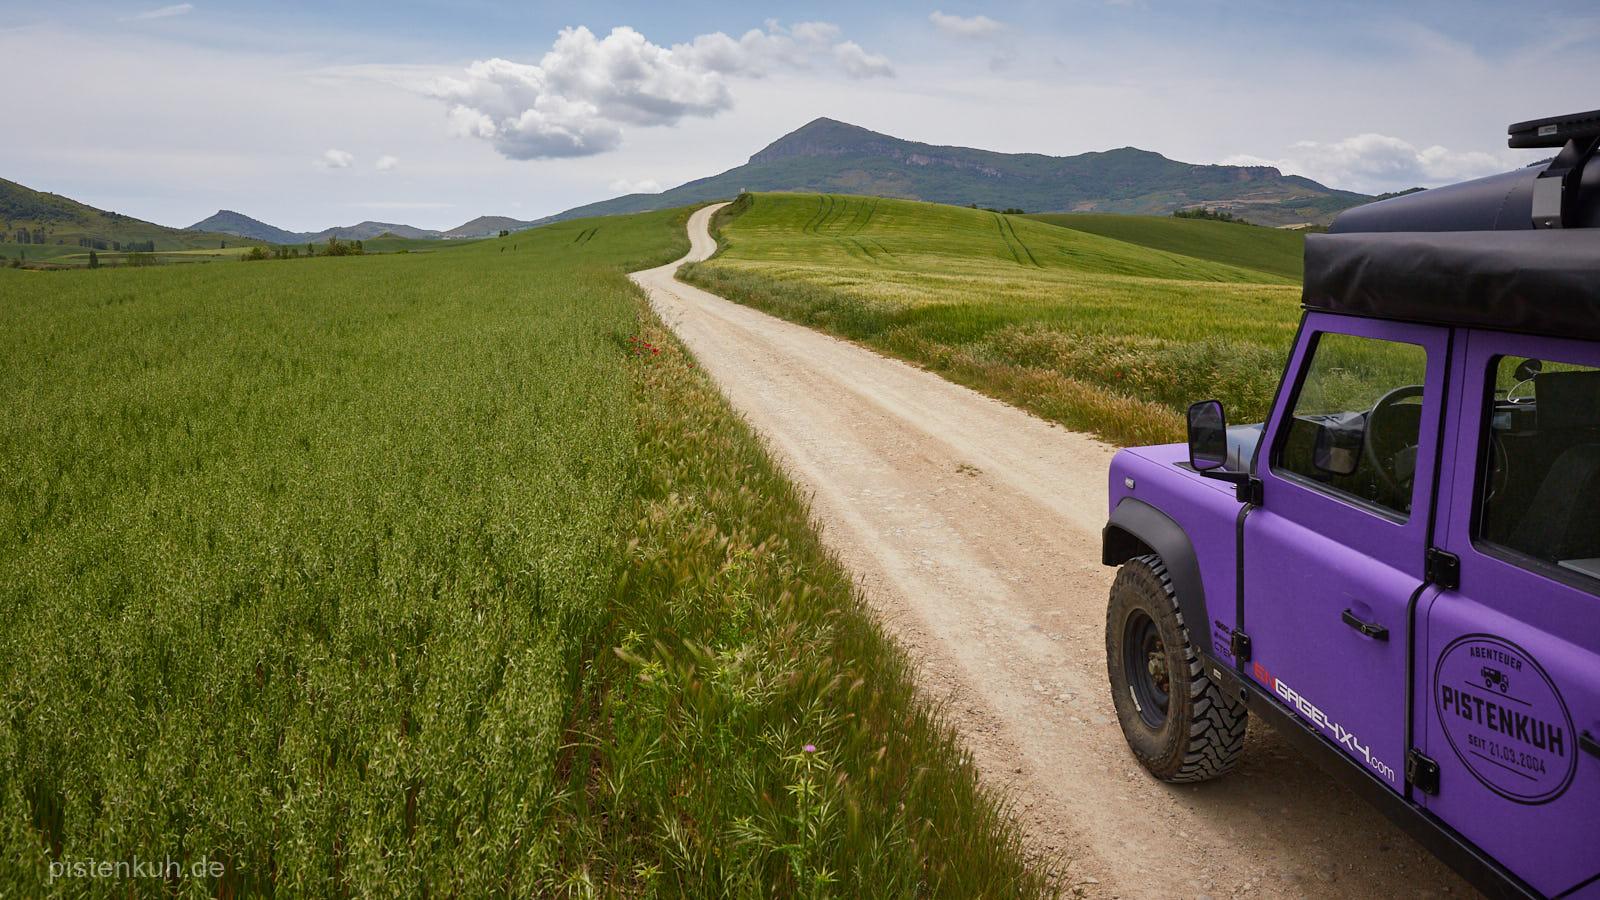 Feldweg in Spanien